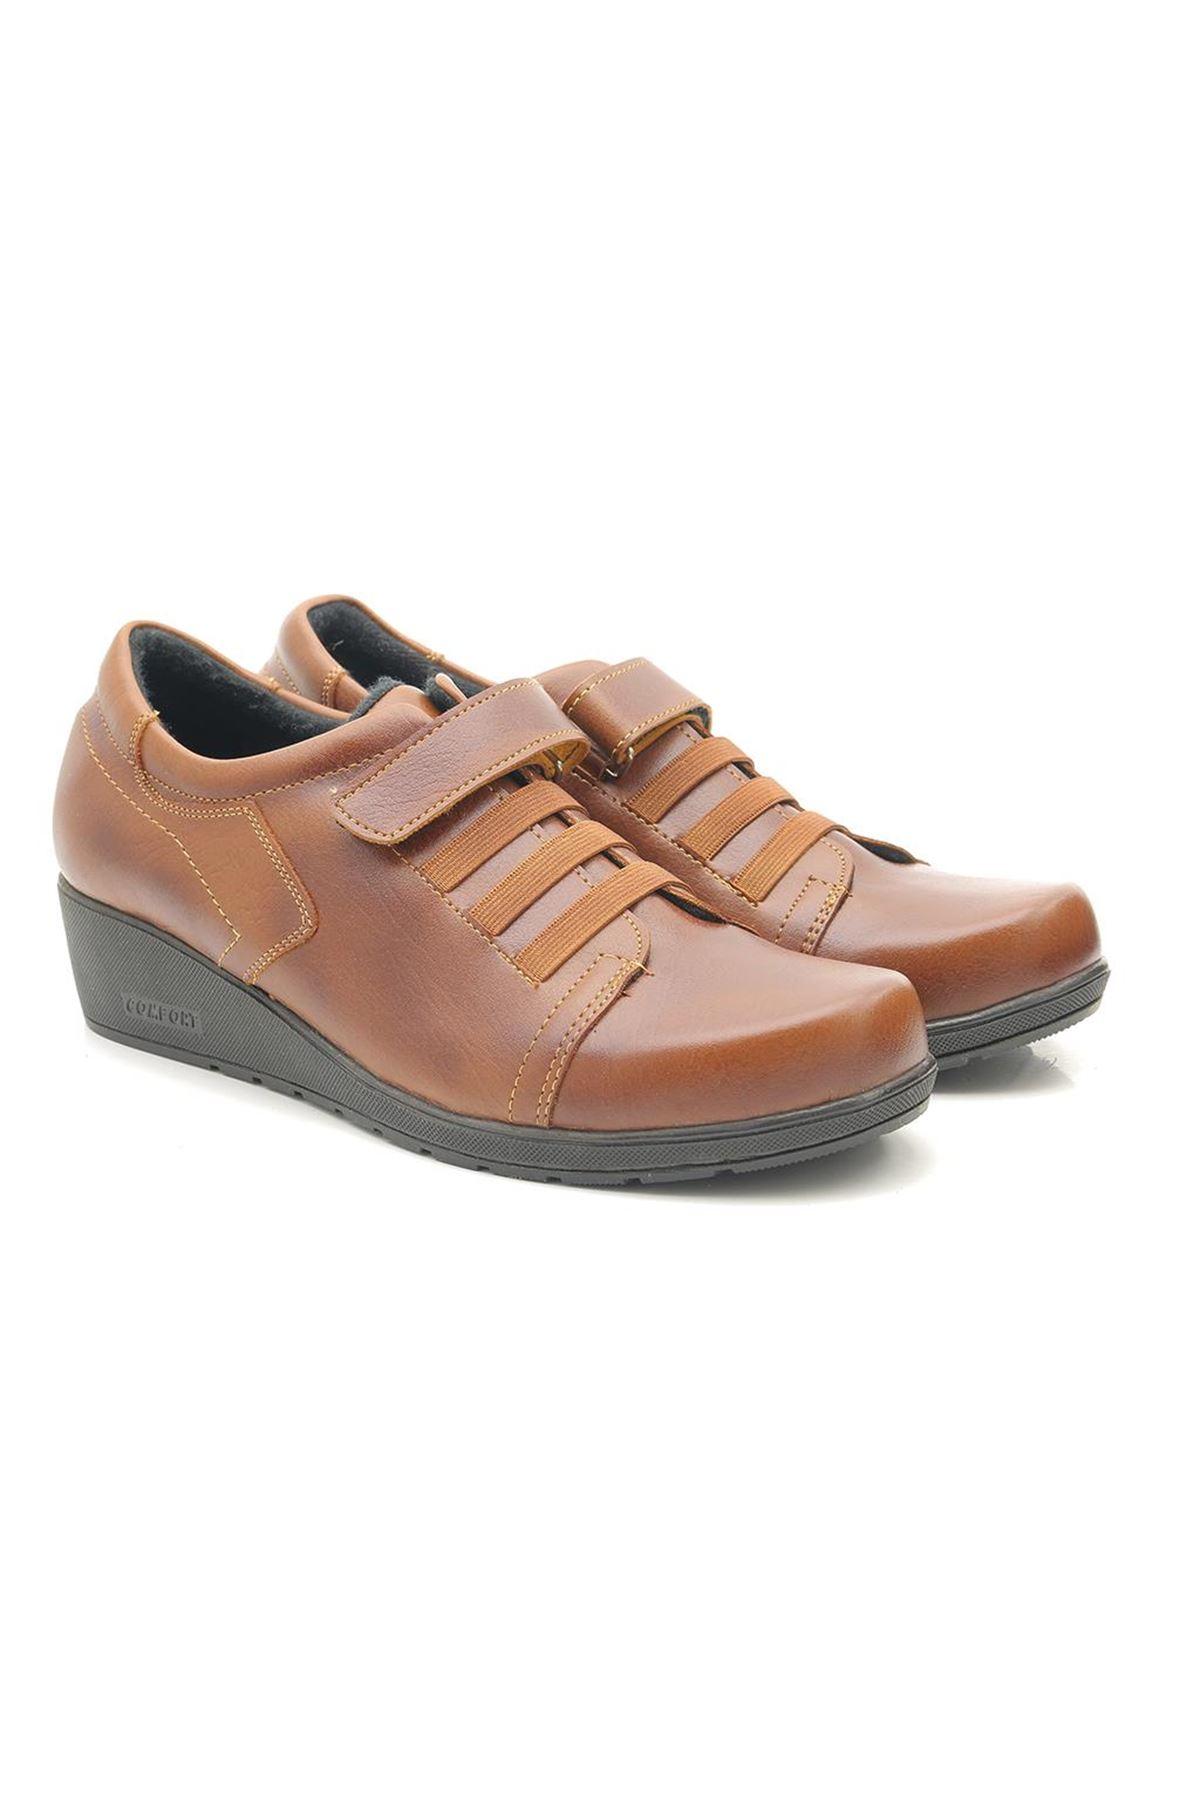 Lady Cırt Cırtlı Günlük Comfort Kadın Ayakkabı